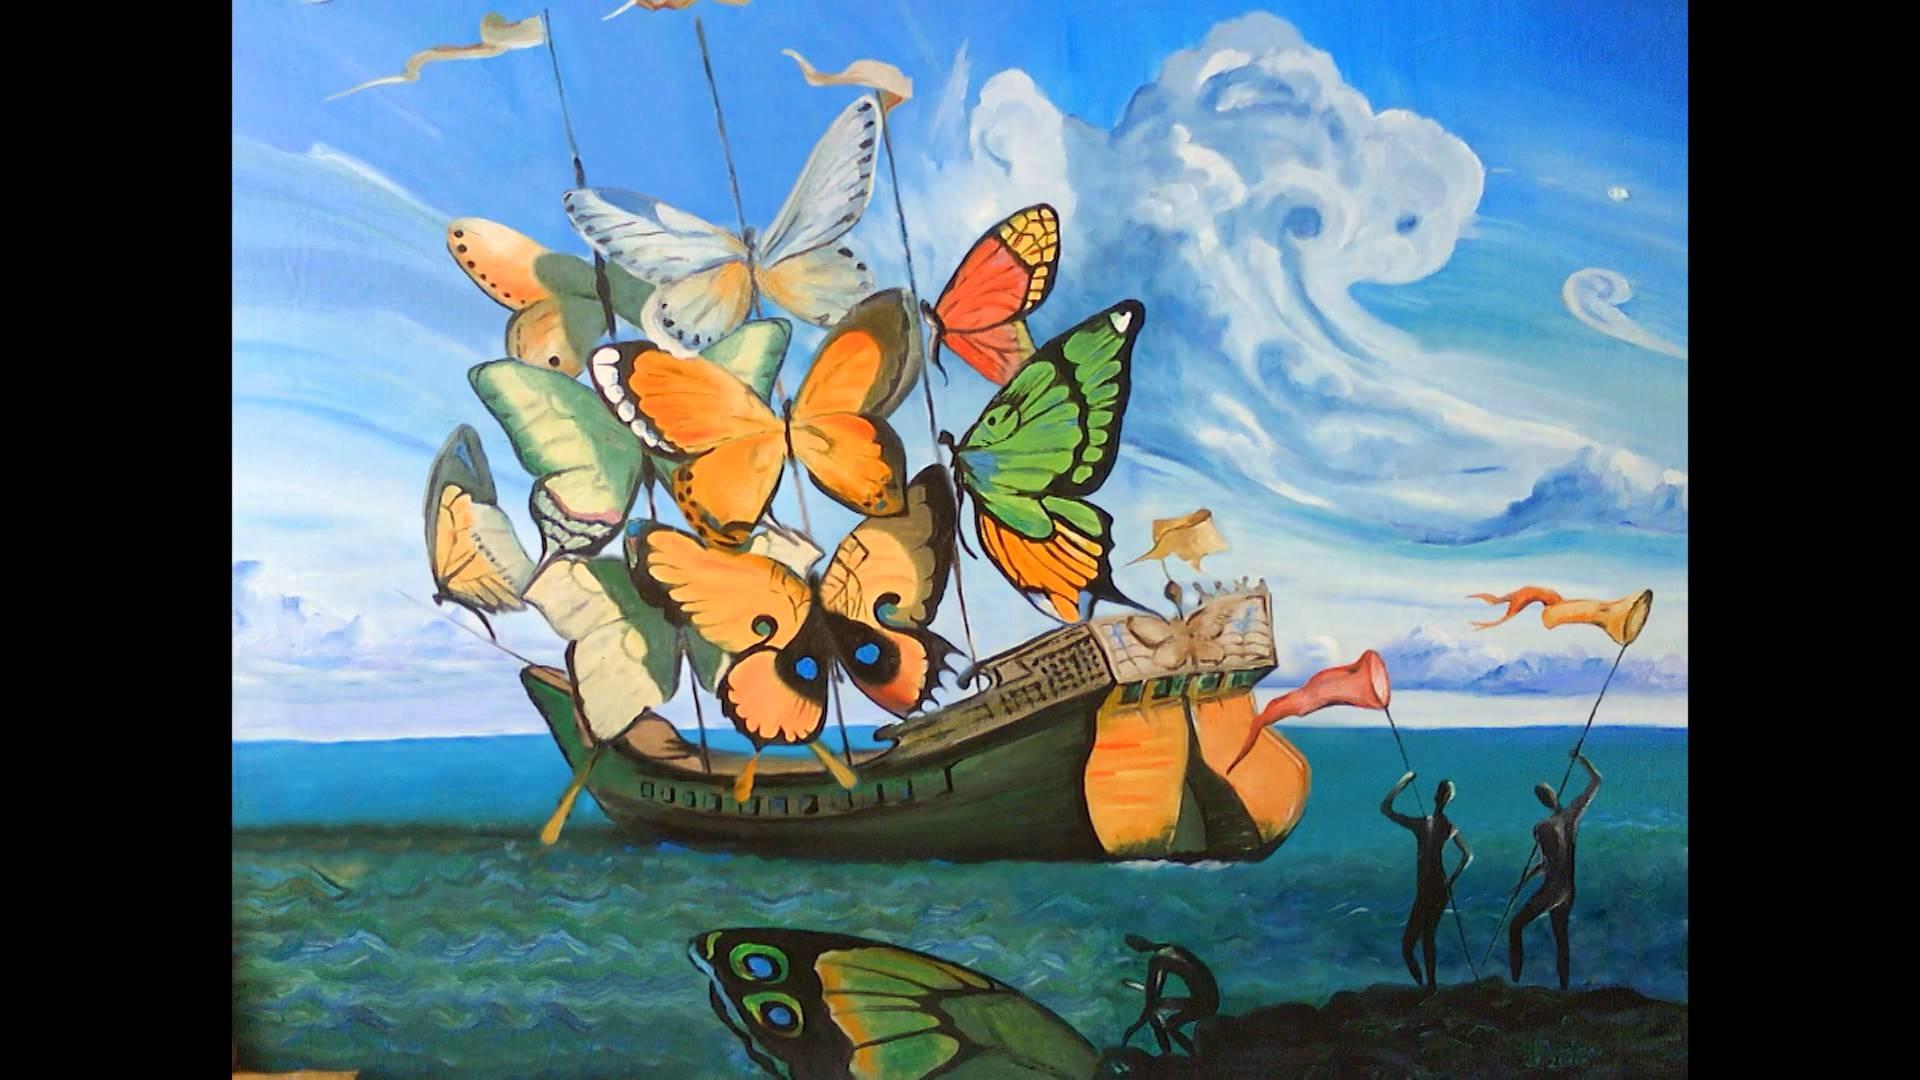 Salvador Dalí i Domènech-Pillangóhatás (after effects)